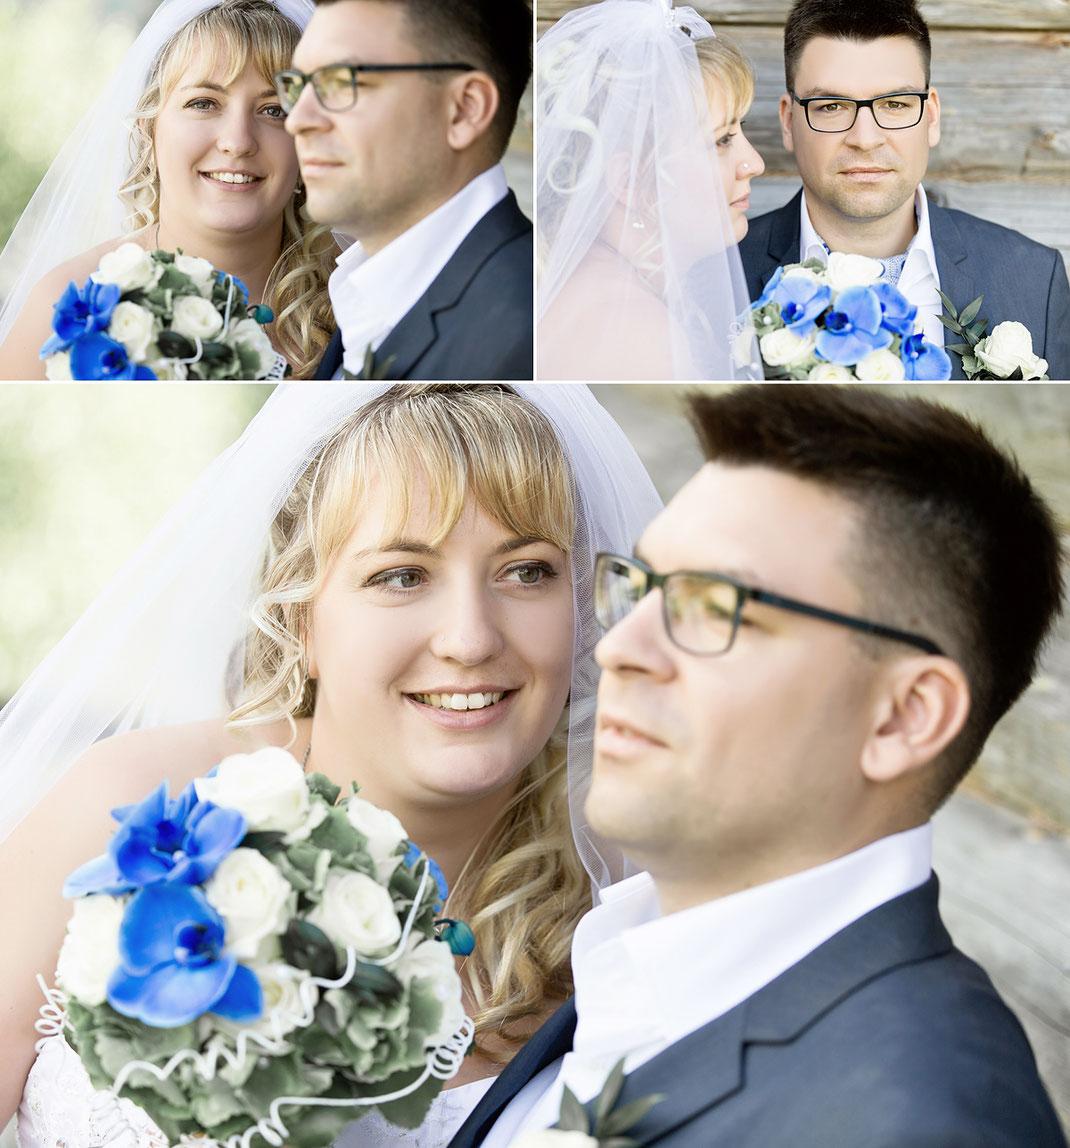 Hochzeit in oberwiesenthal und feier im Panoramahotel mit Panoramablick über oberwiesenthal